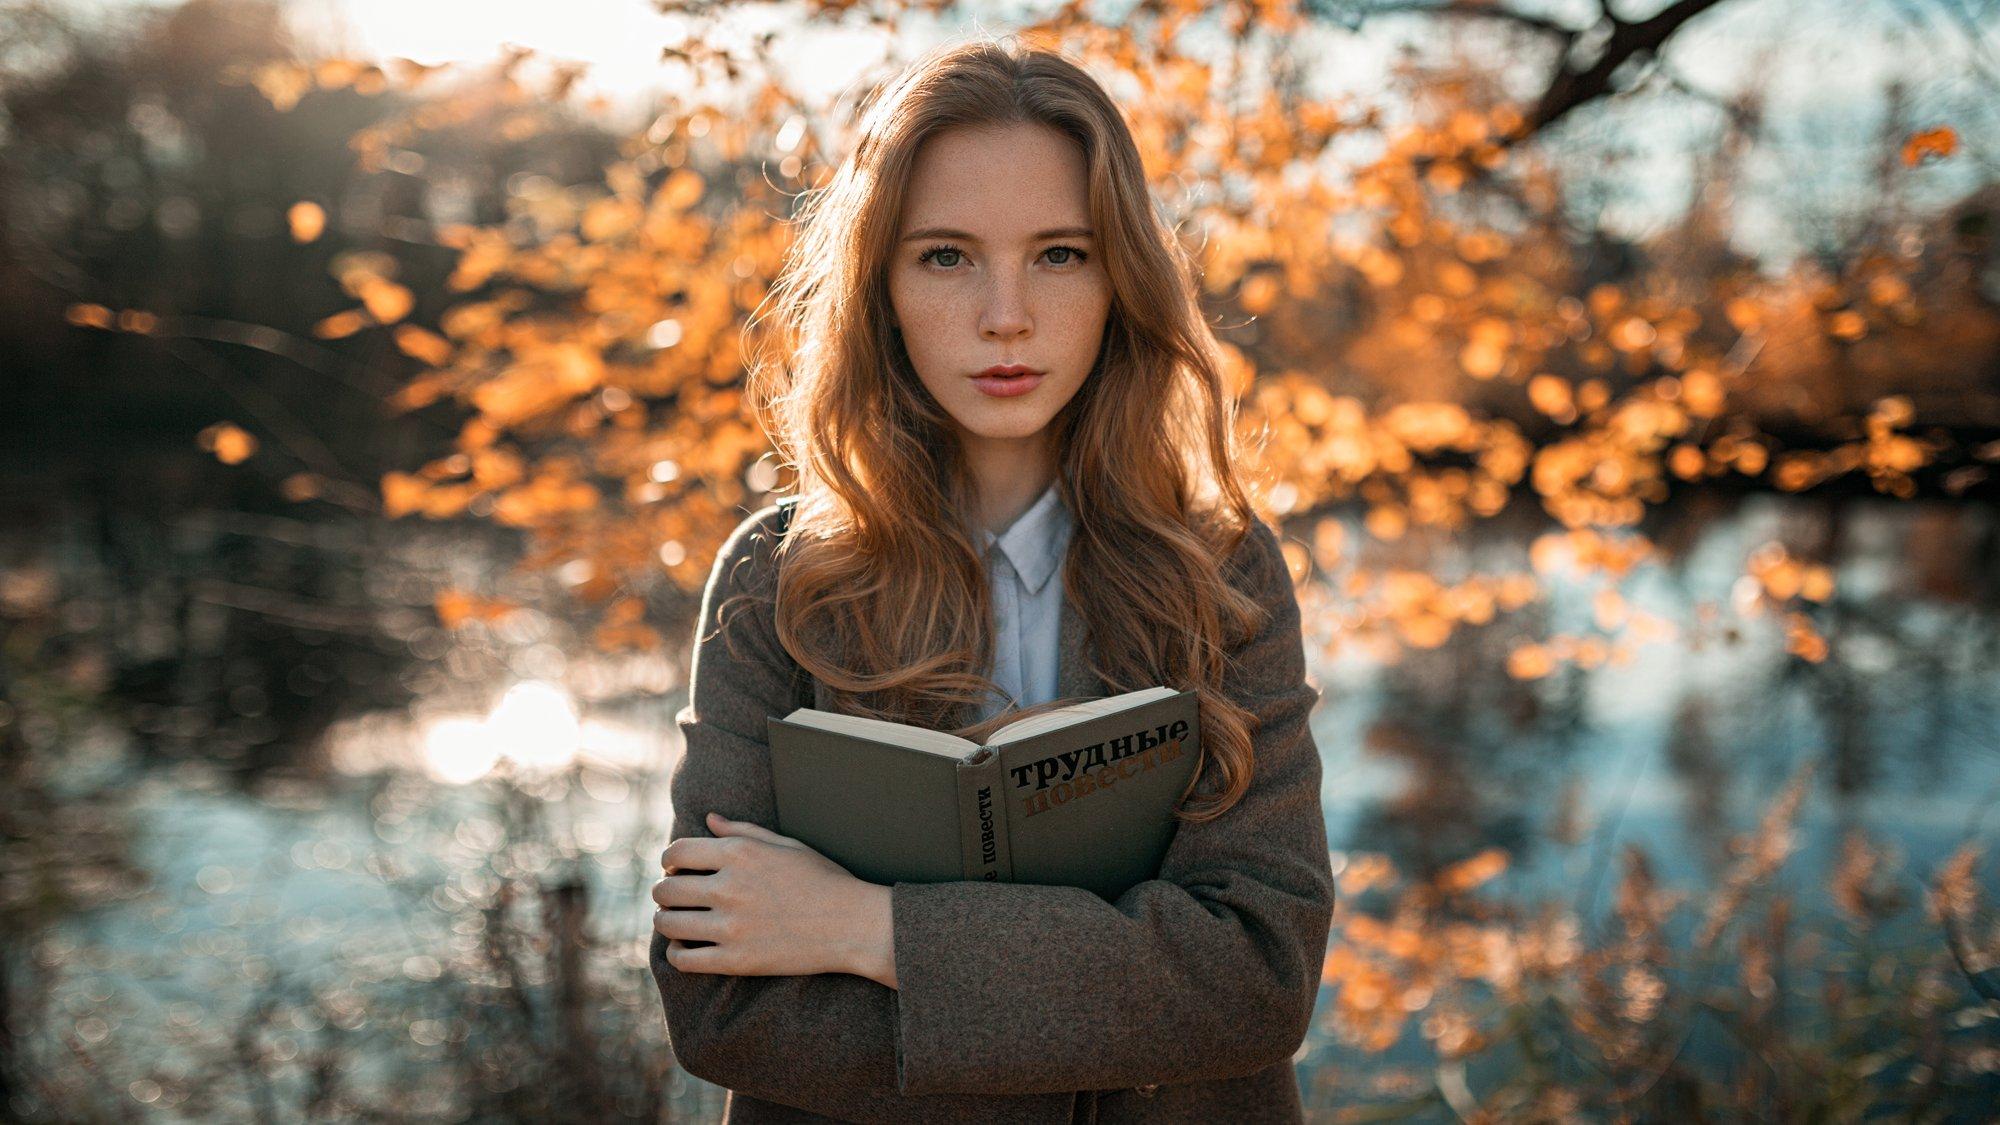 девушка, портрет, солнце, деревья, озеро, Александр Куренной